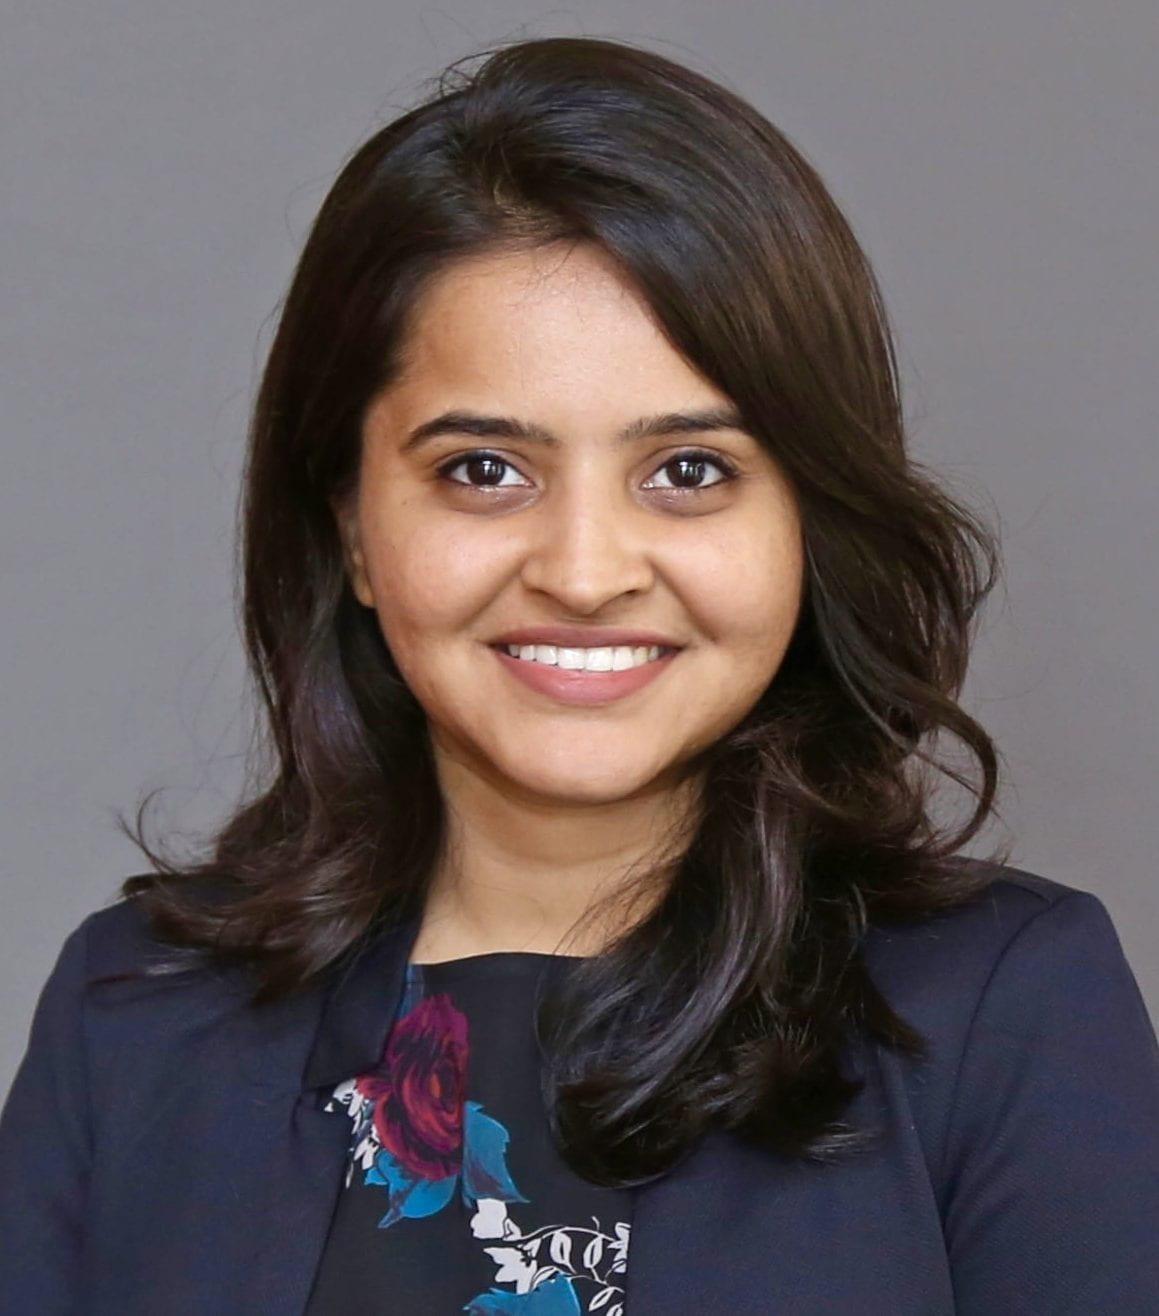 Shruti Trivedi portrait photo.